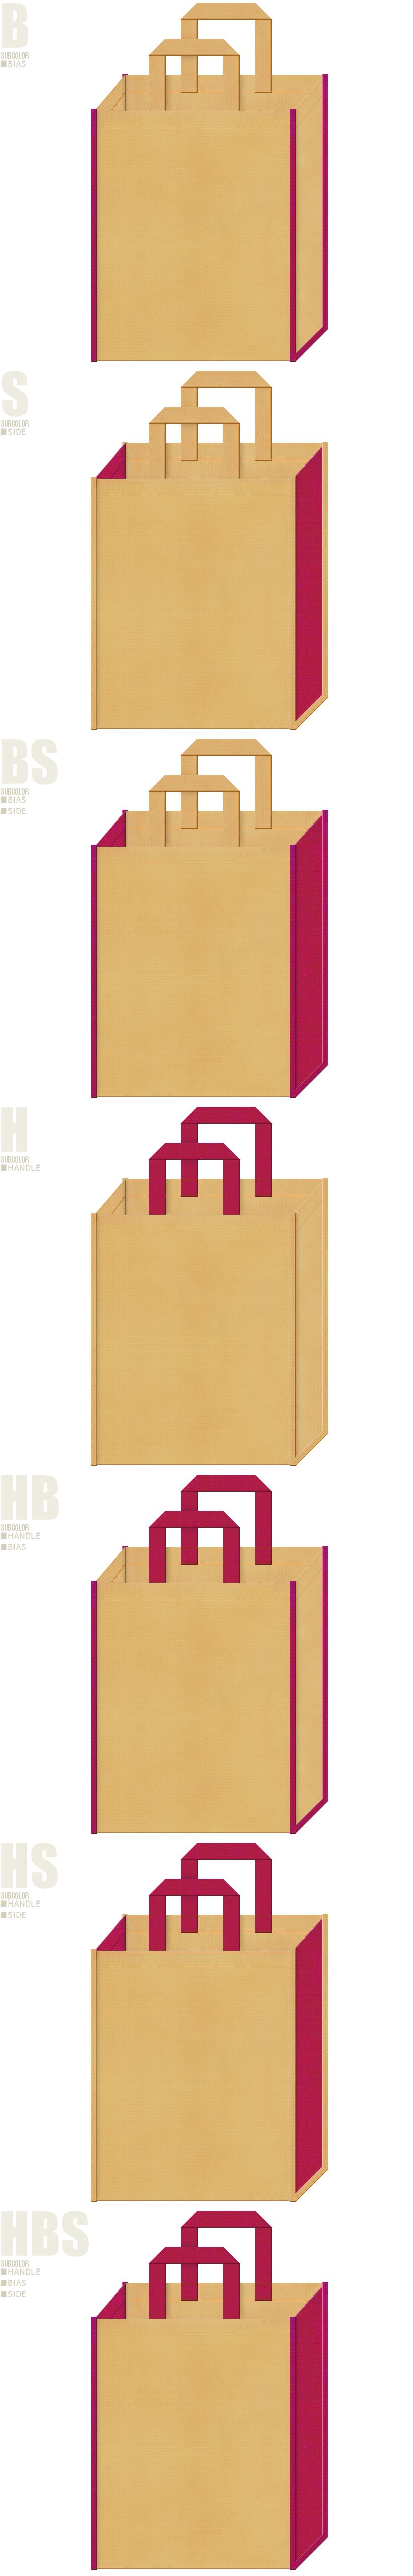 ビーチリゾート用品の展示会用バッグにお奨めの、薄黄土色と濃いピンク色、7パターンの不織布トートバッグ配色デザイン例。トロピカルイメージ。